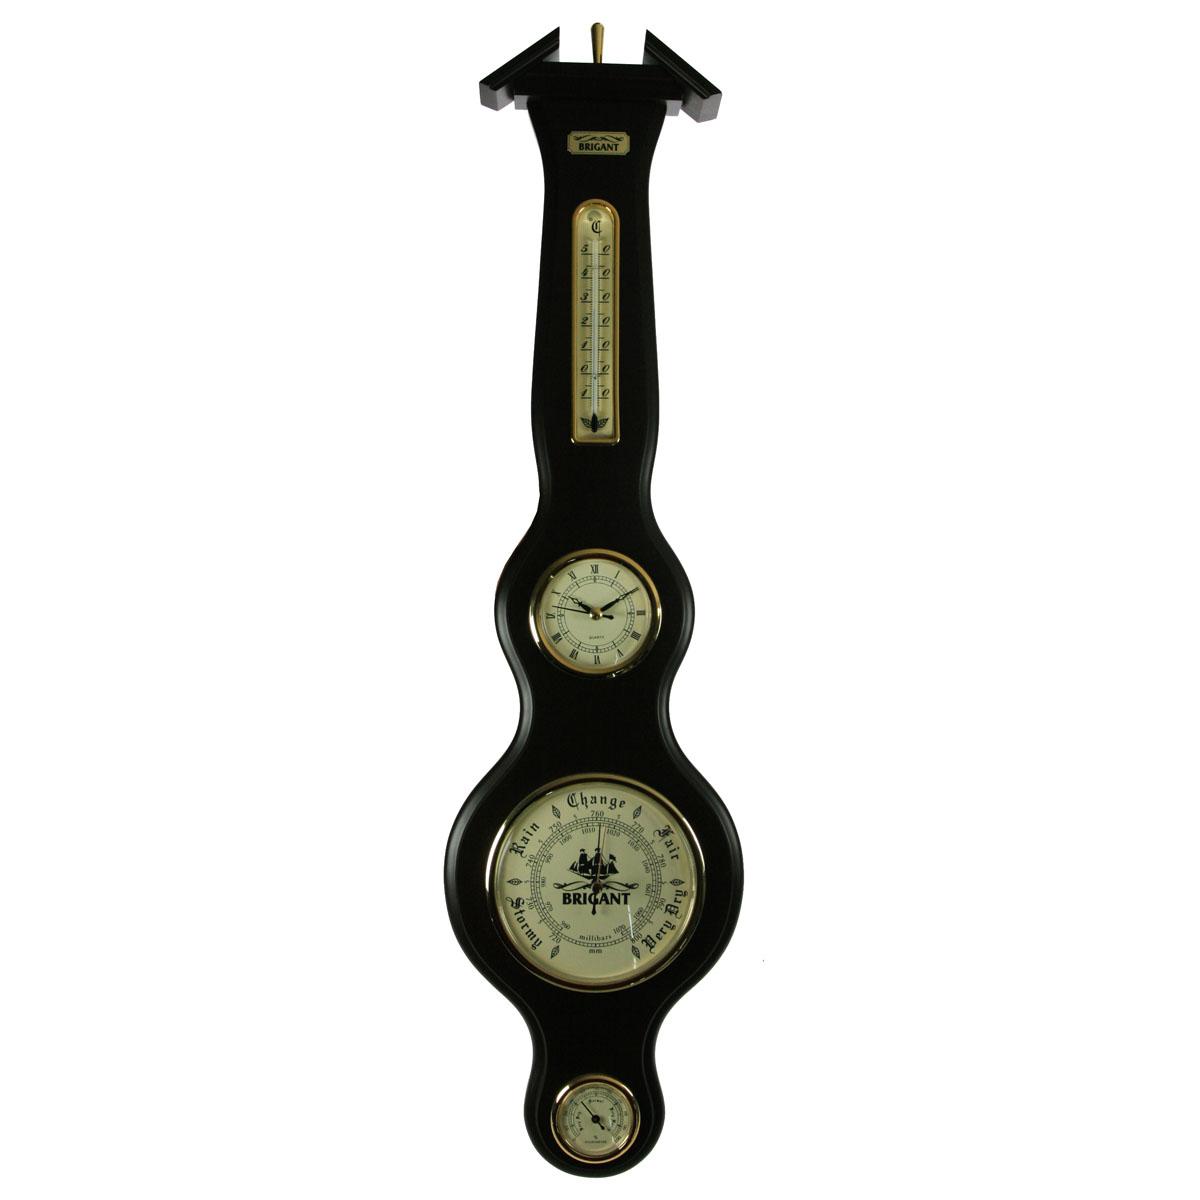 Часы-метеостанция настенная Brigant: барометр, термометр, гигрометр. 2802628026Часы-метеостанция Brigant выполнена в виде деревянной лакированной панели с расположенными на ней часами, термометром, барометром и гигрометром. Модель выполнена в духе морской тематики, хромировка под золото и светлый благородный цвет дерева делают этот предмет интерьера заслуживающим восхищения и гордости. Прилагается инструкция по эксплуатации на русском языке.